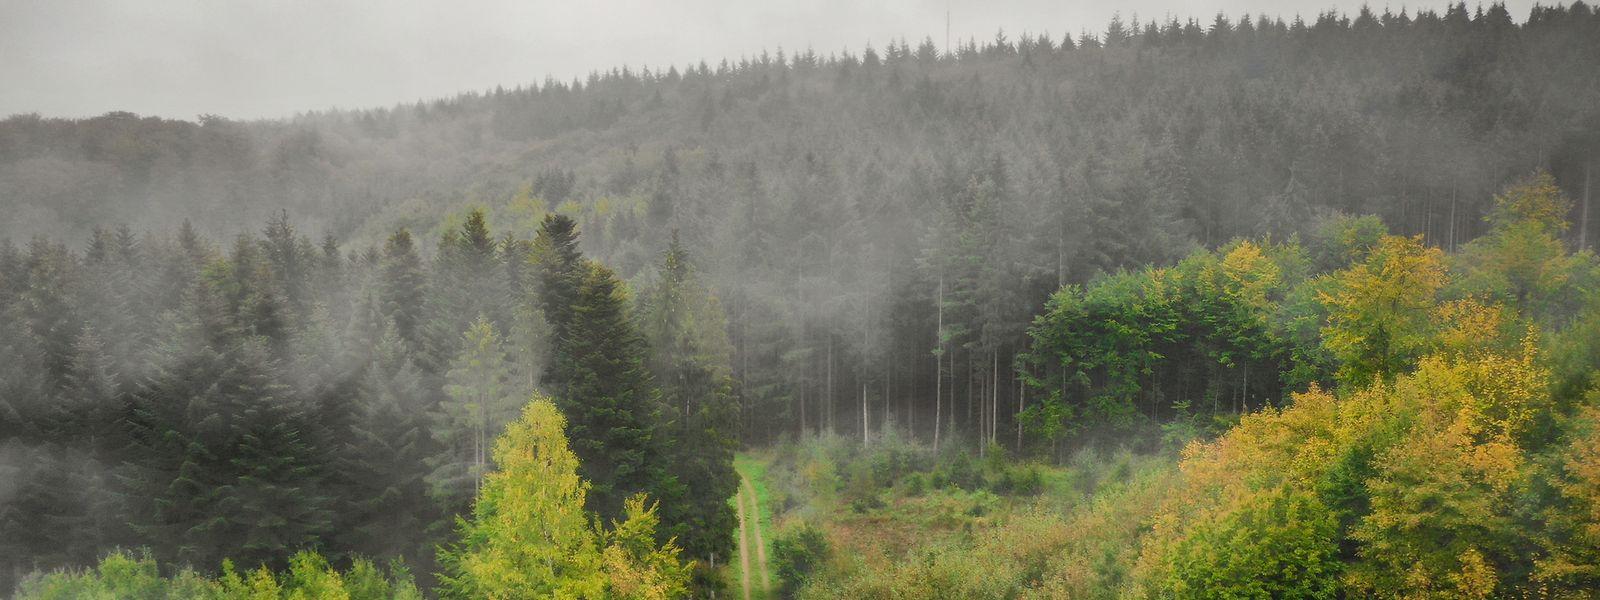 So langsam färben sich die Bäume im Gréngewald. Das Naturgebiet soll nun geschützt werden.